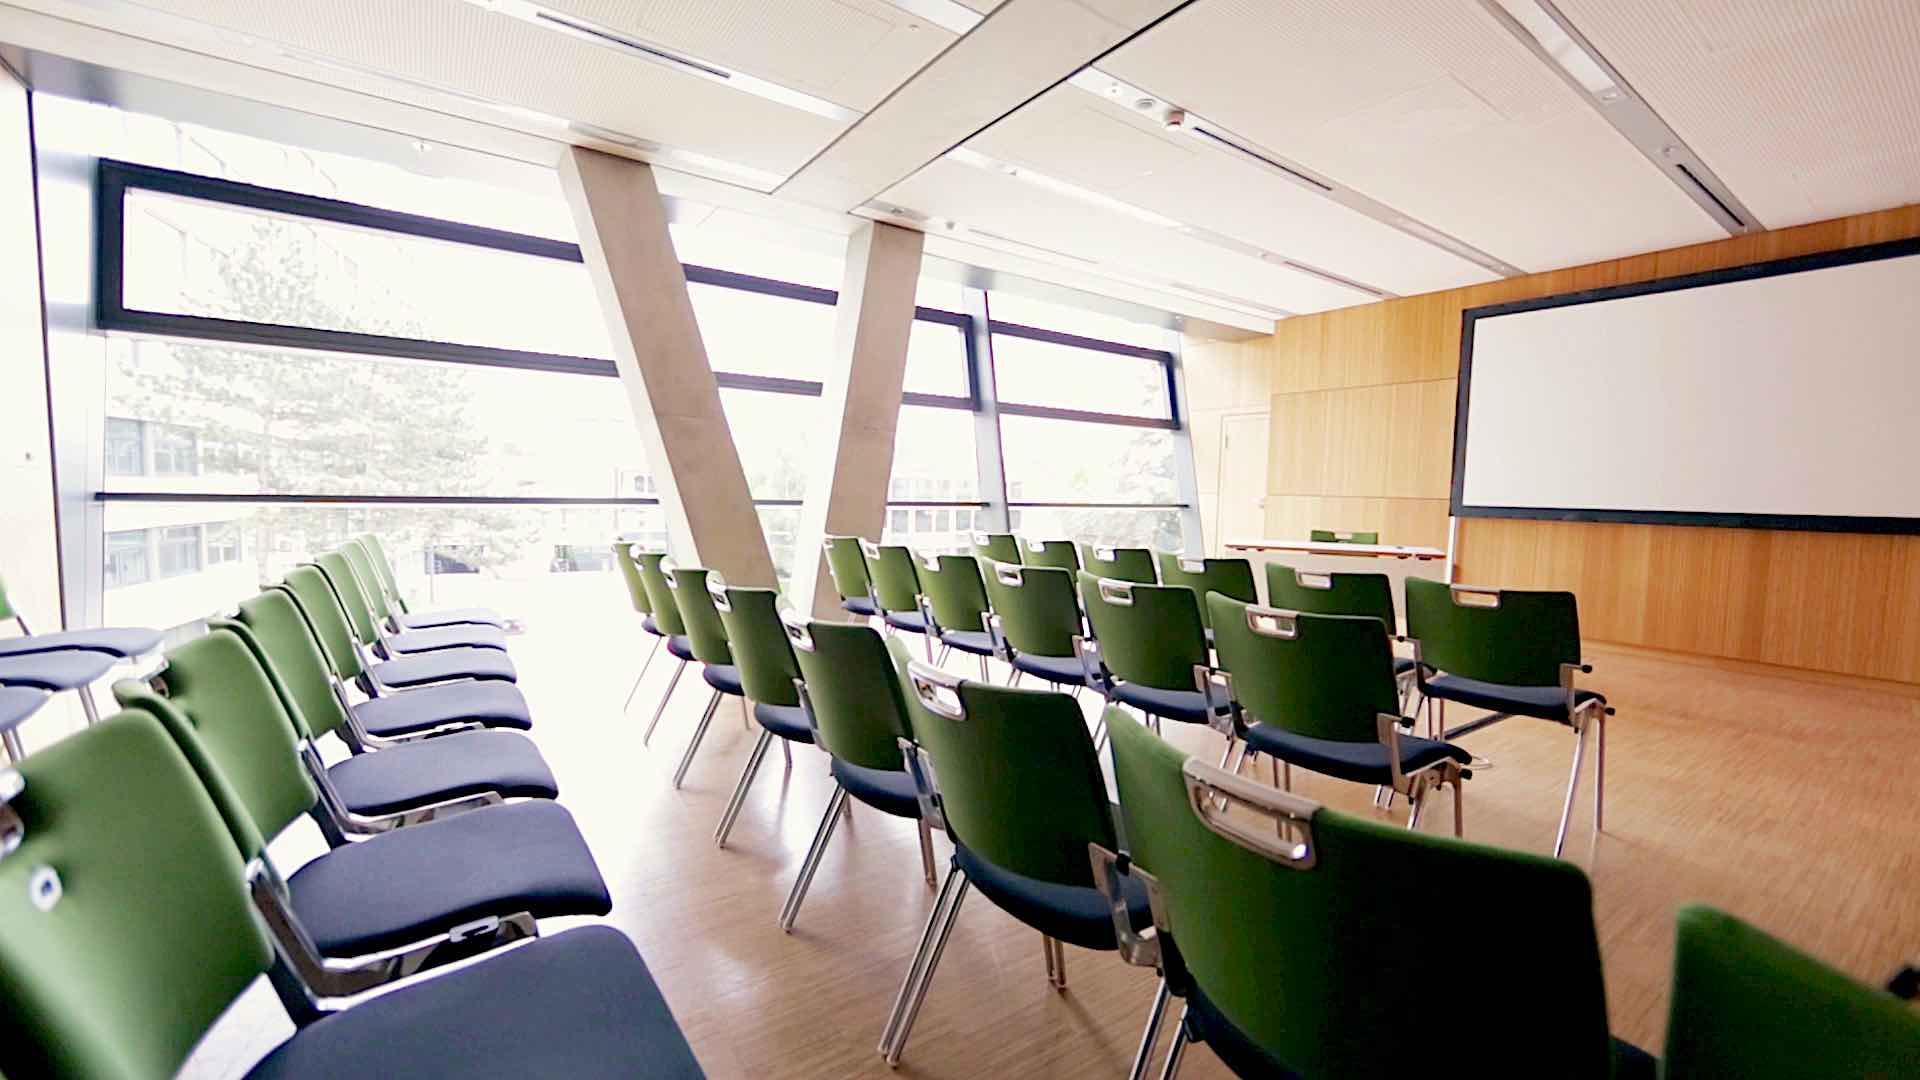 Ein leerer Vortragsraum mit grünen Stühlen